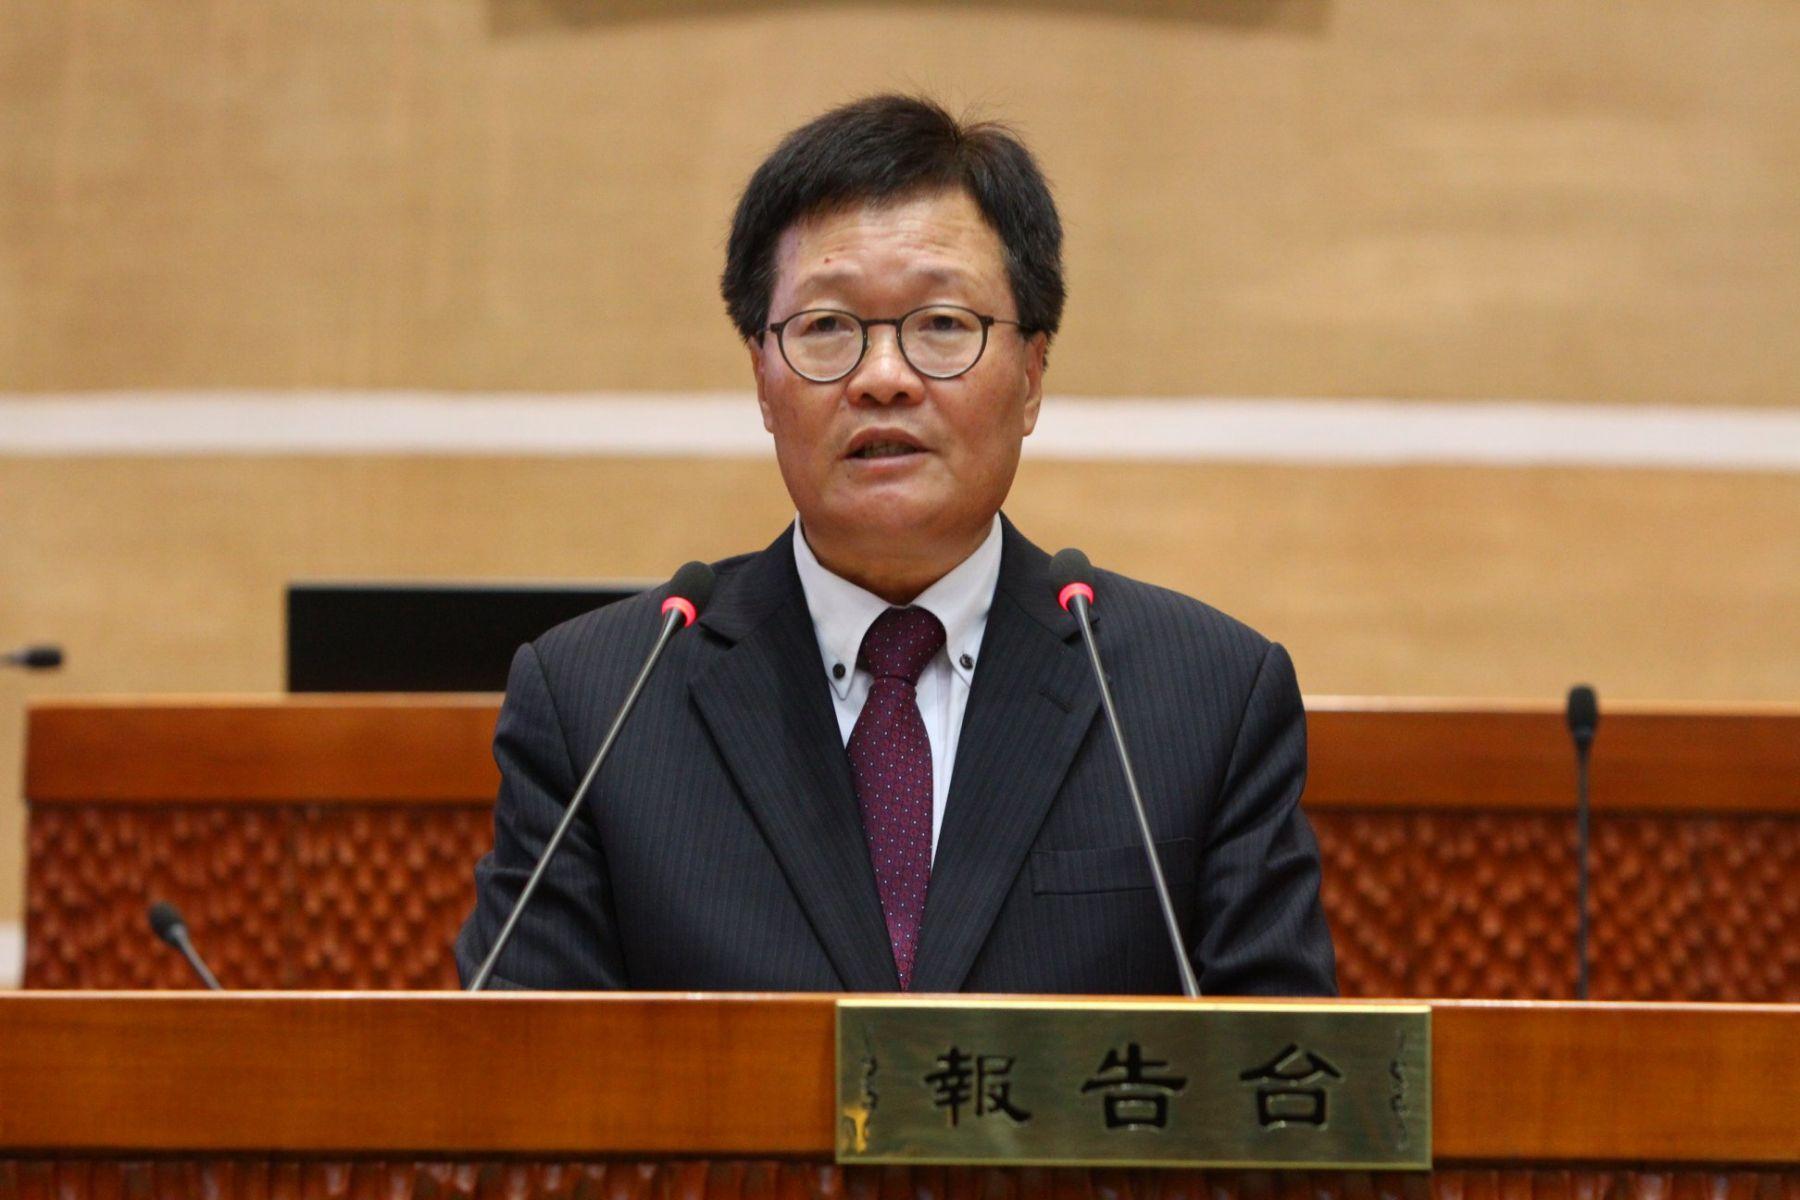 任職高雄市府期間違法兼職 陳金德遭監察院彈劾